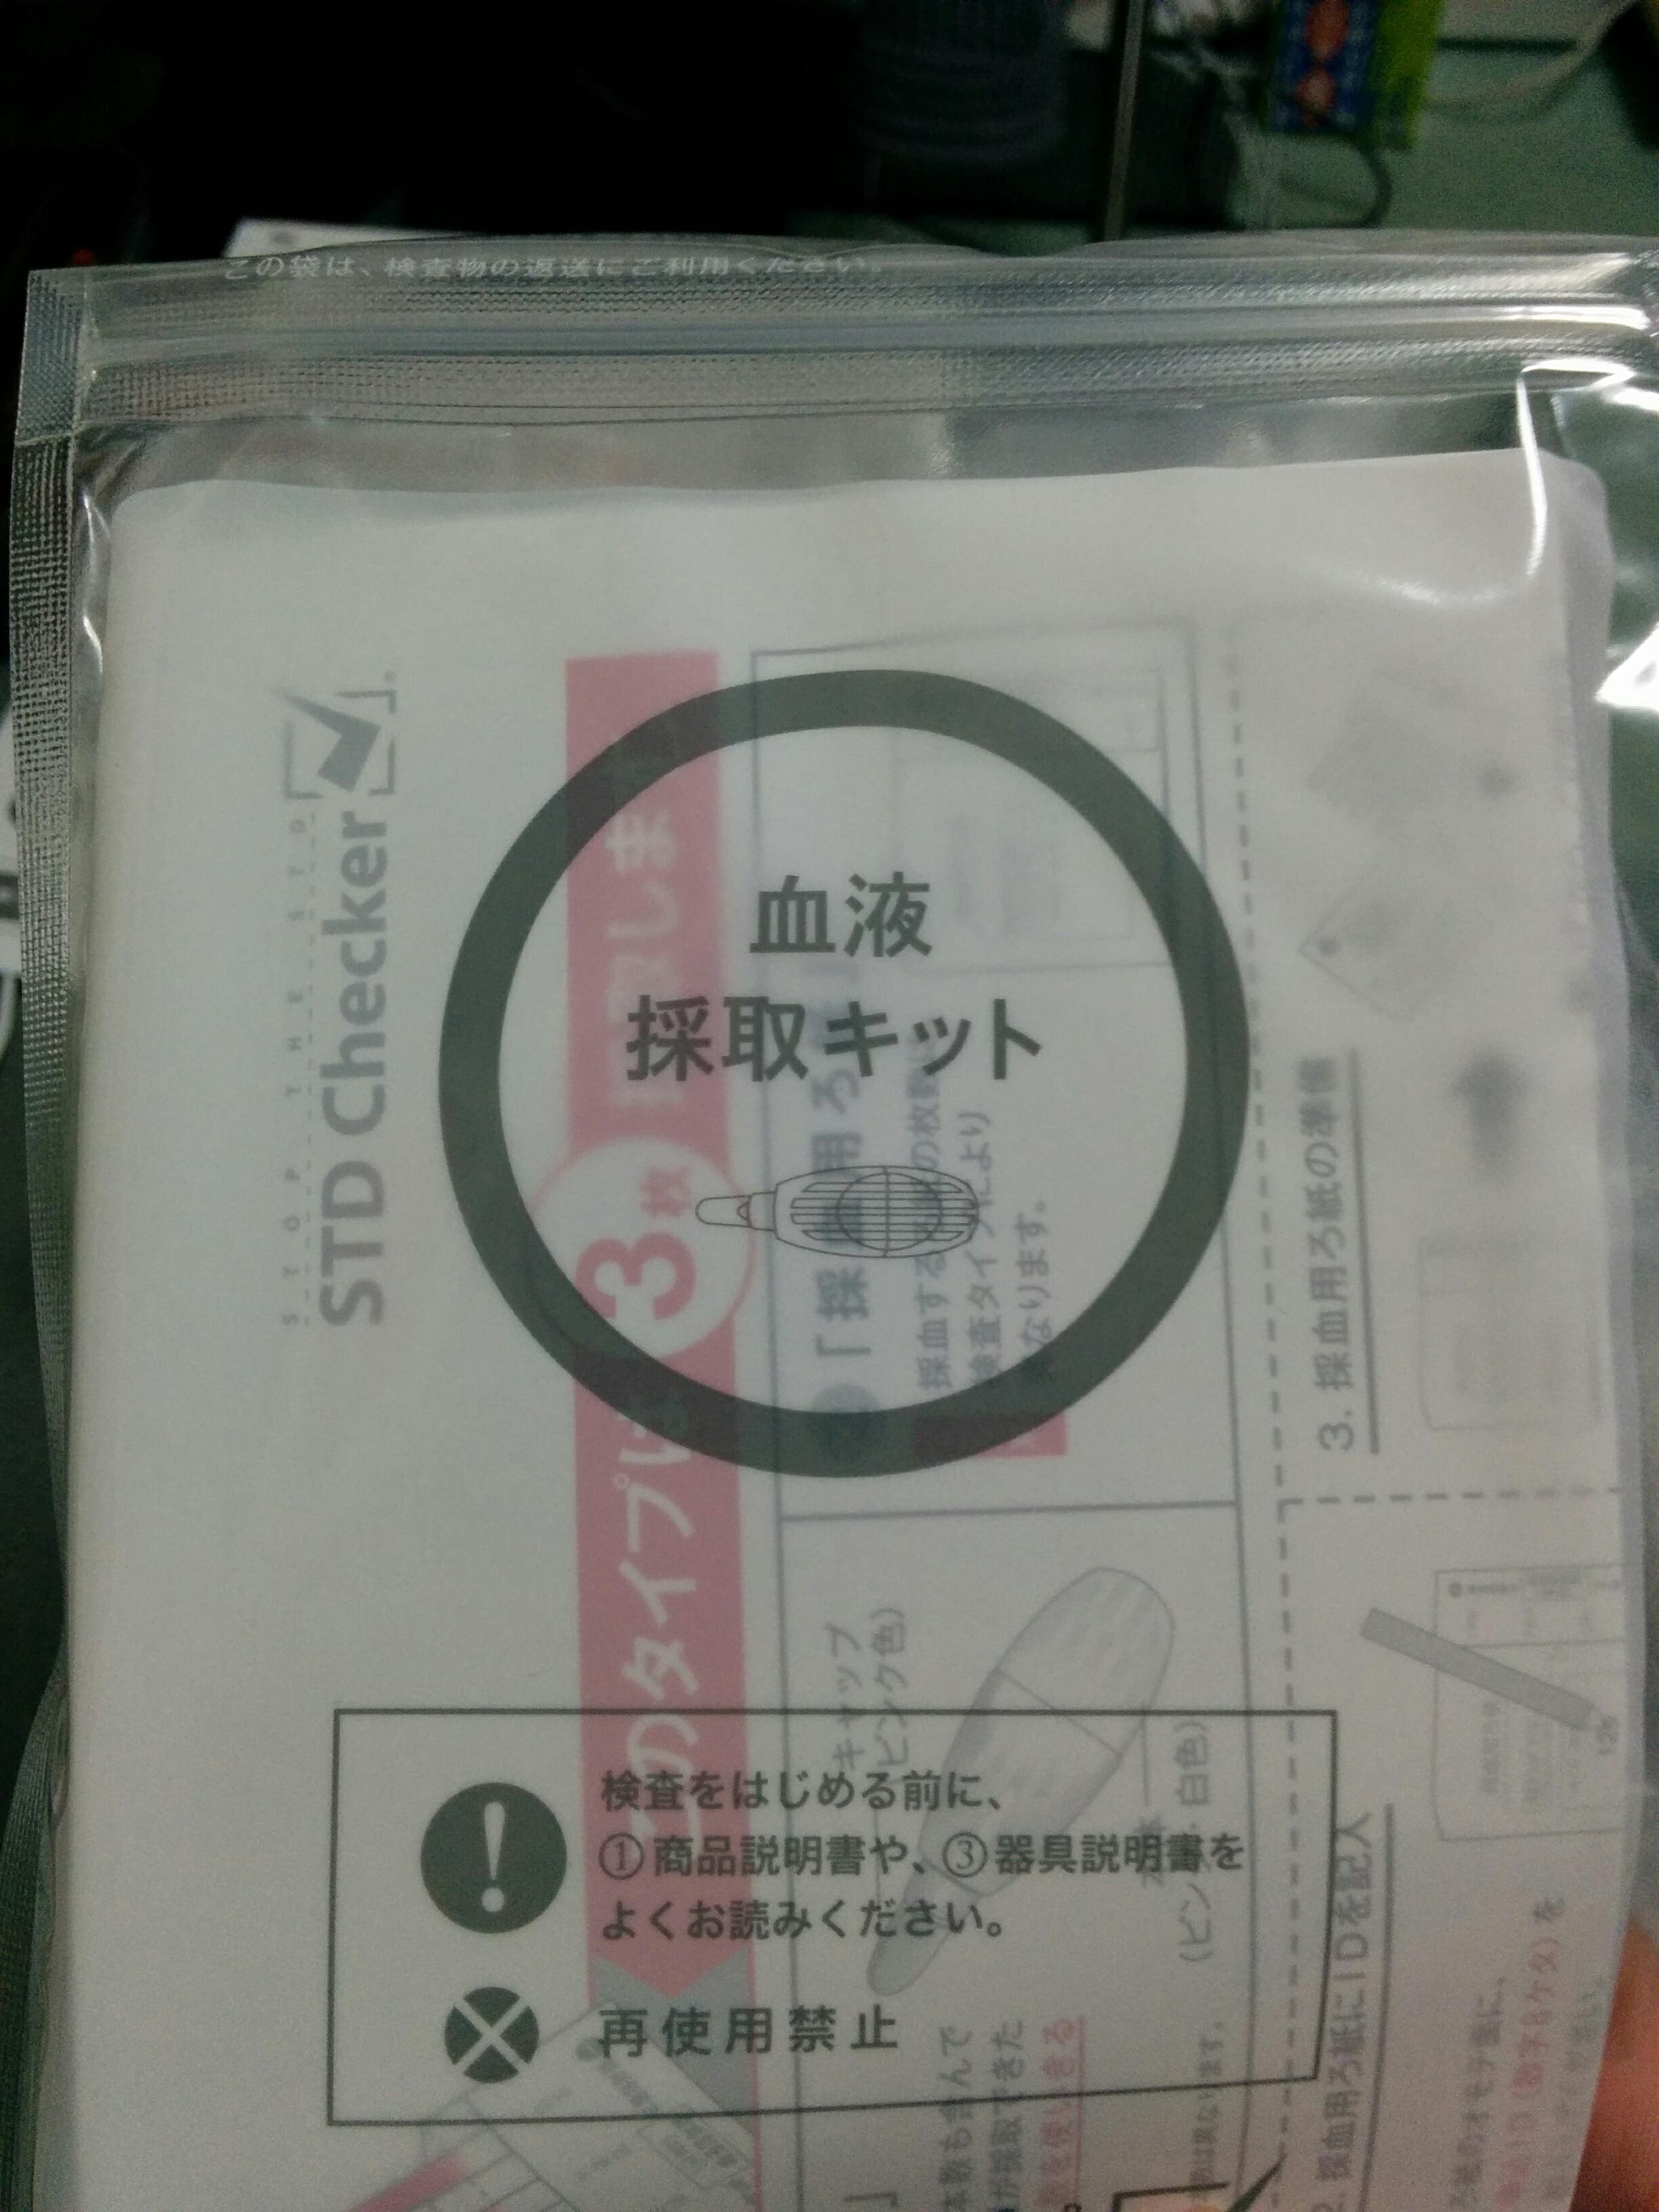 性病検査キット 口コミ